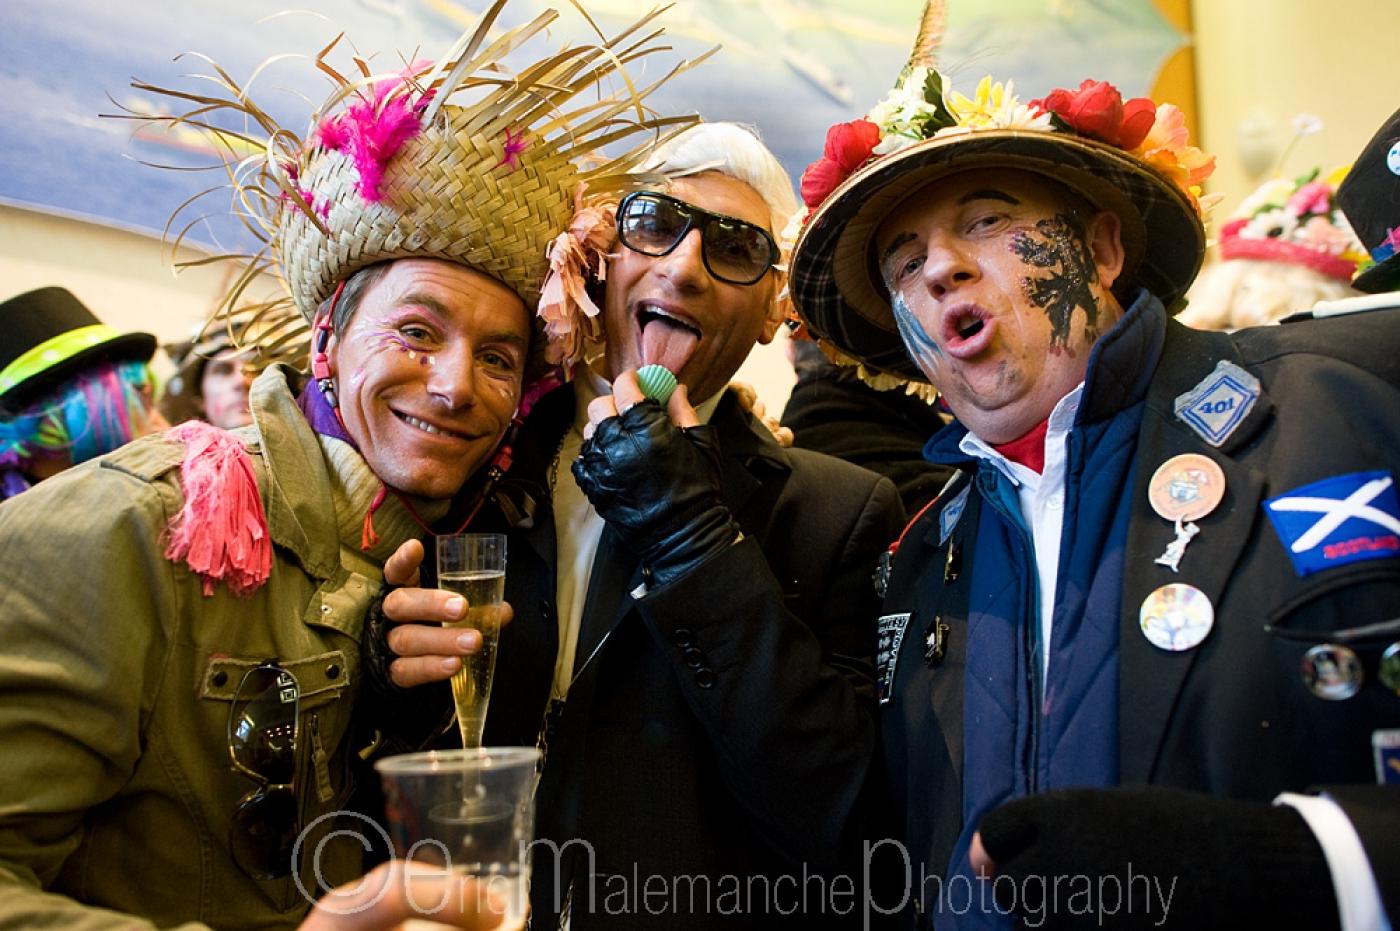 https://www.ericmalemanche.com/imagess/topics/carnaval-de-dunkerque/liste/Carnaval-Dunkerque-1589.jpg